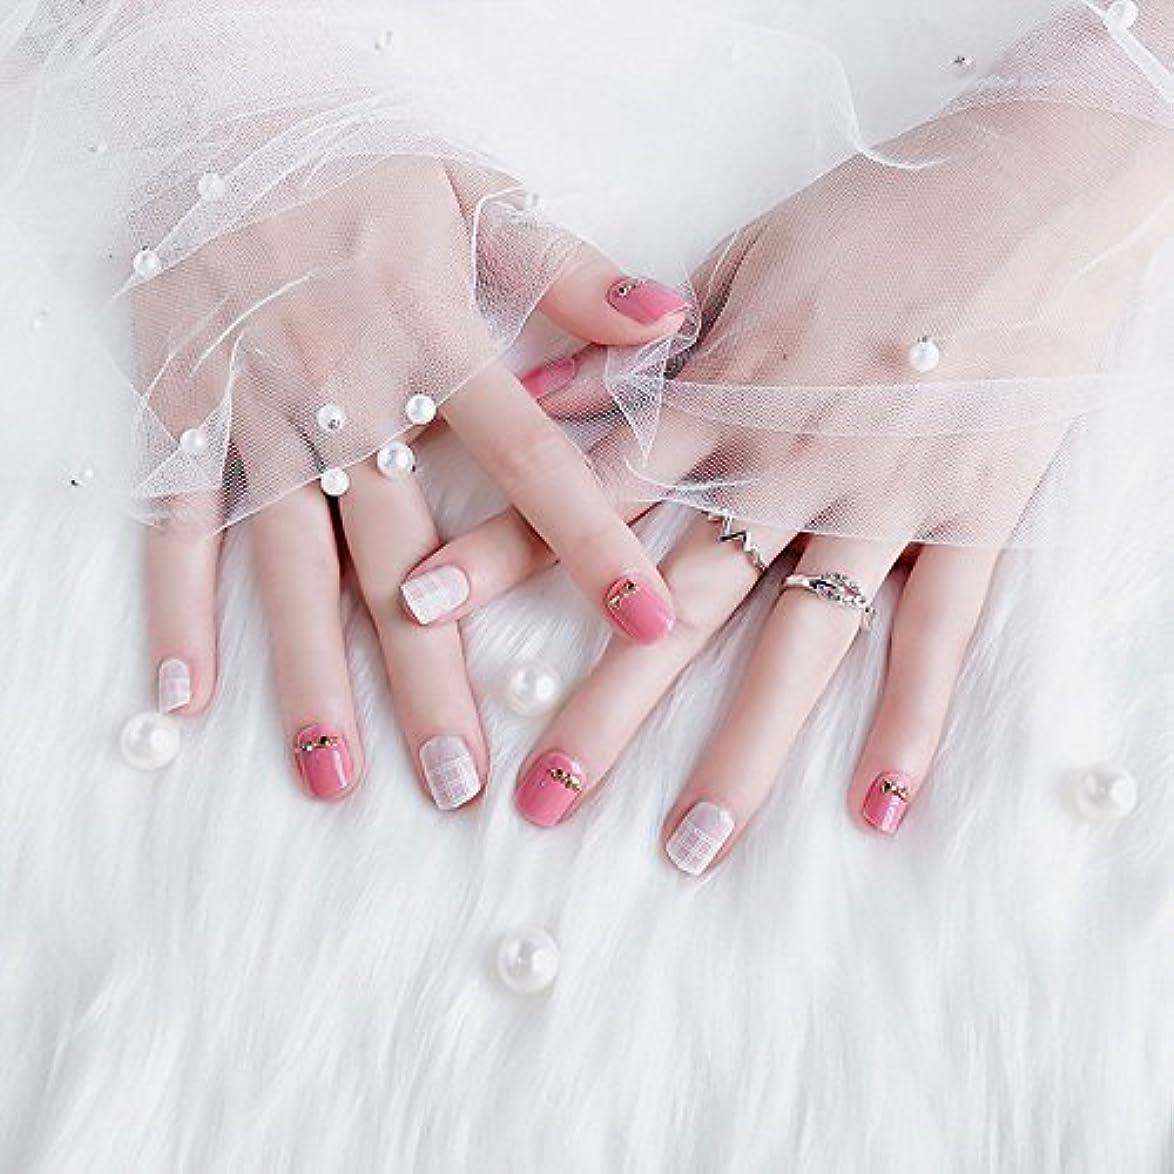 スクリーチミキサー哲学的おしゃれなネイルチップ 短いさネイルチップ 複数のスタイル 24枚入 結婚式、パーティー、二次会などに ネイルアート 手作りネイルチップ 両面接着テープ付き (ピンク)